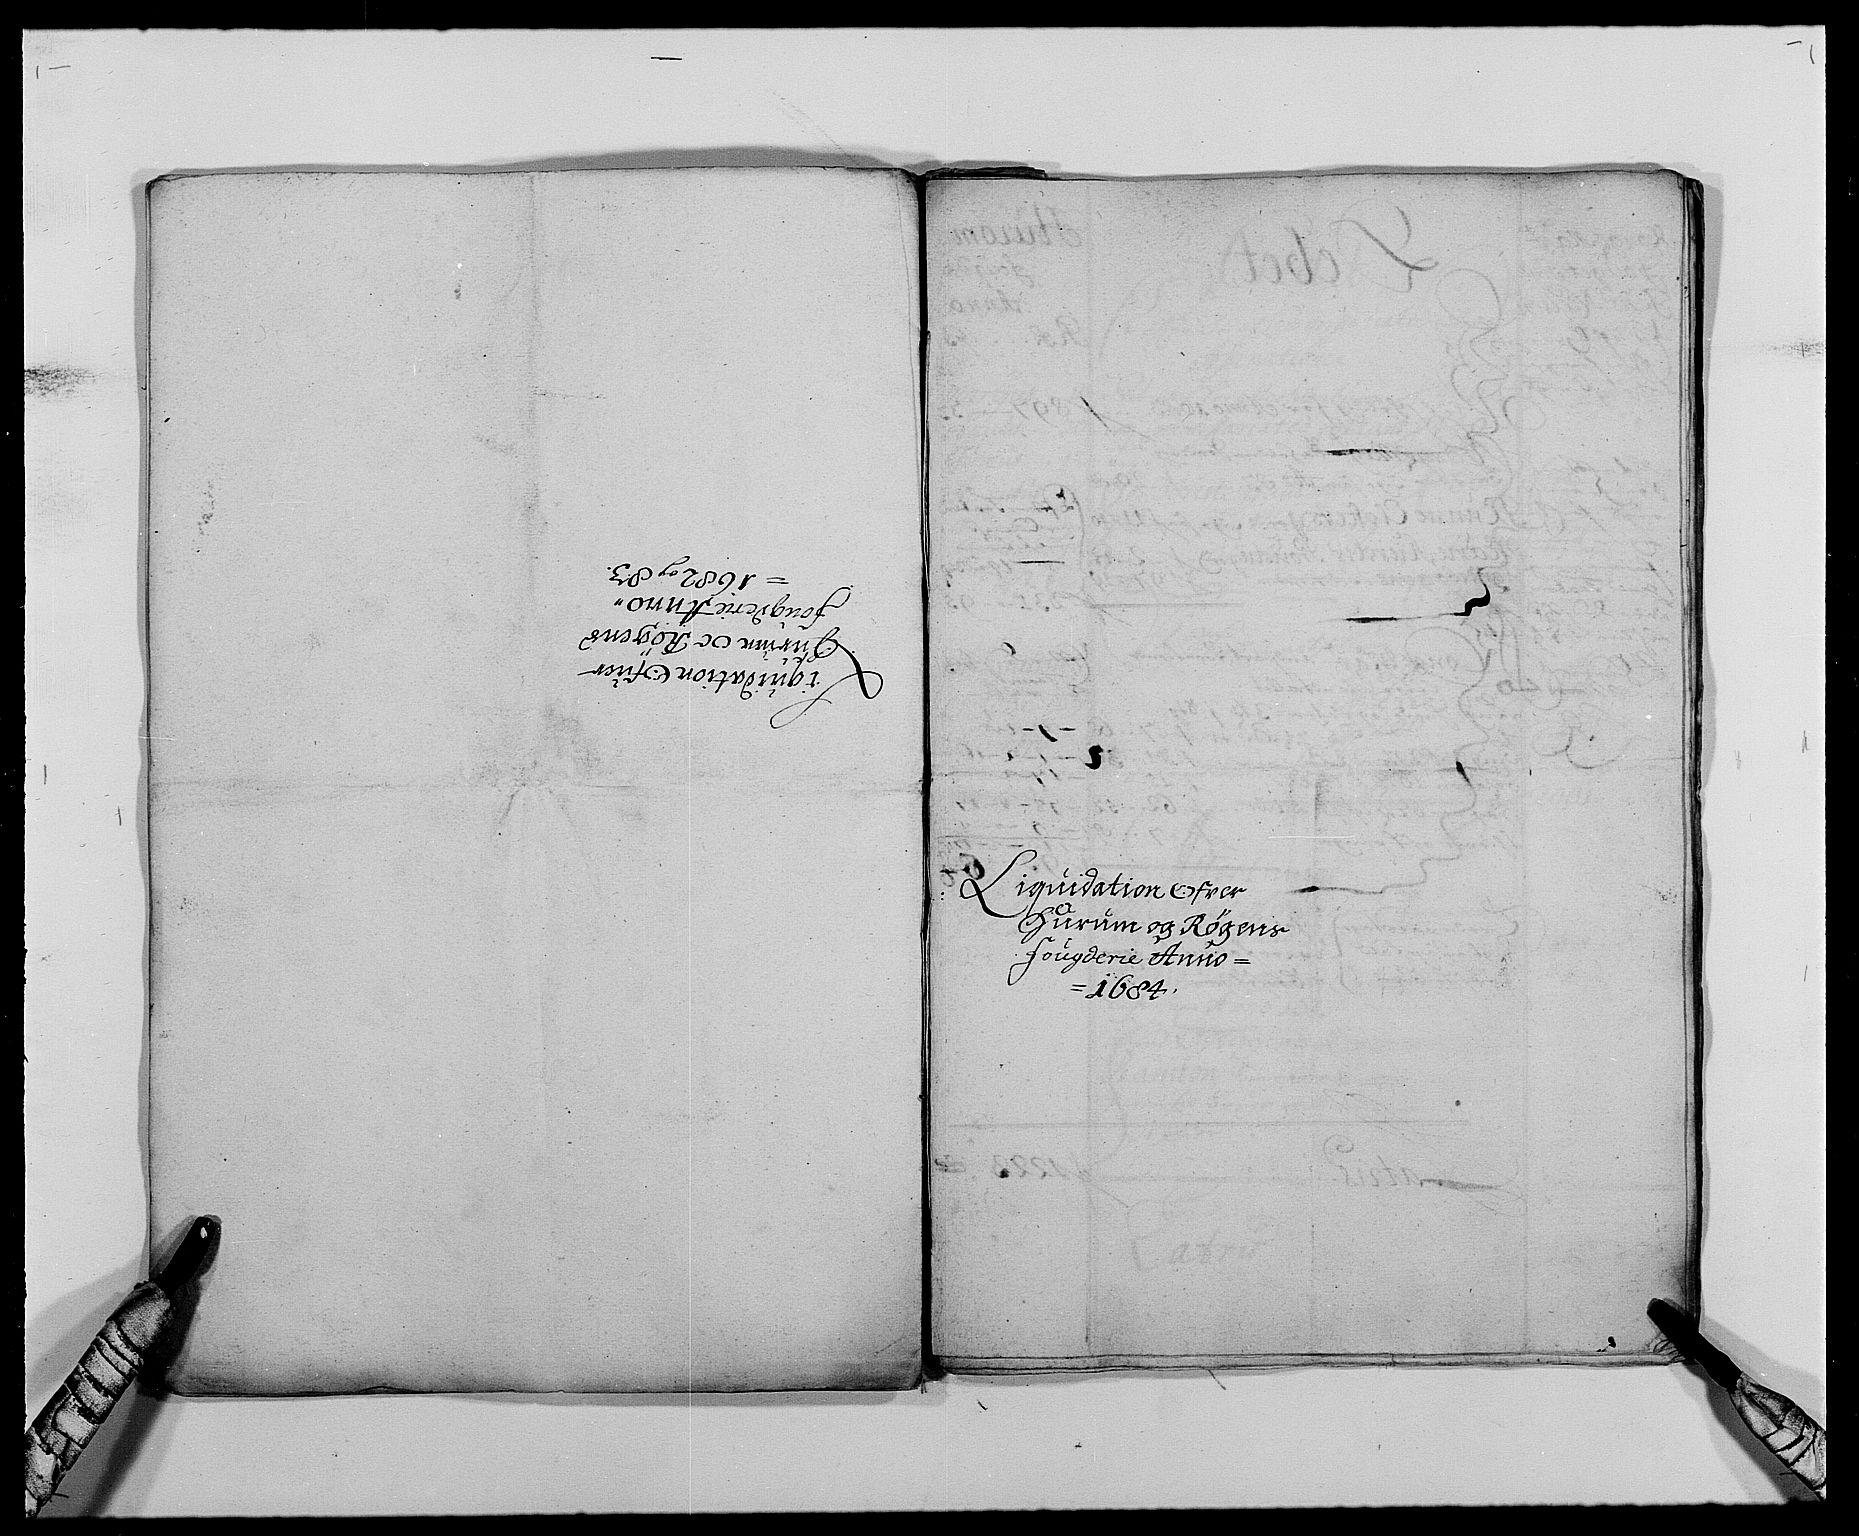 RA, Rentekammeret inntil 1814, Reviderte regnskaper, Fogderegnskap, R29/L1692: Fogderegnskap Hurum og Røyken, 1682-1687, s. 7